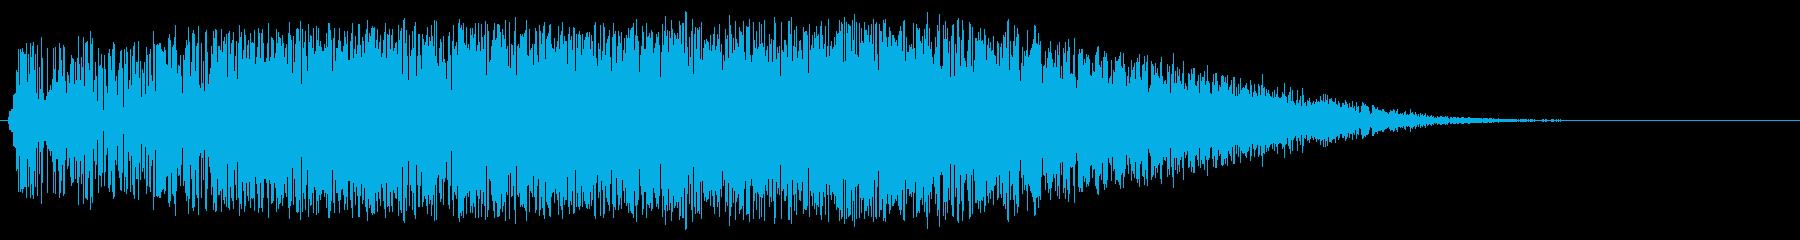 アニメにありそうな巨大メカの起動音の再生済みの波形